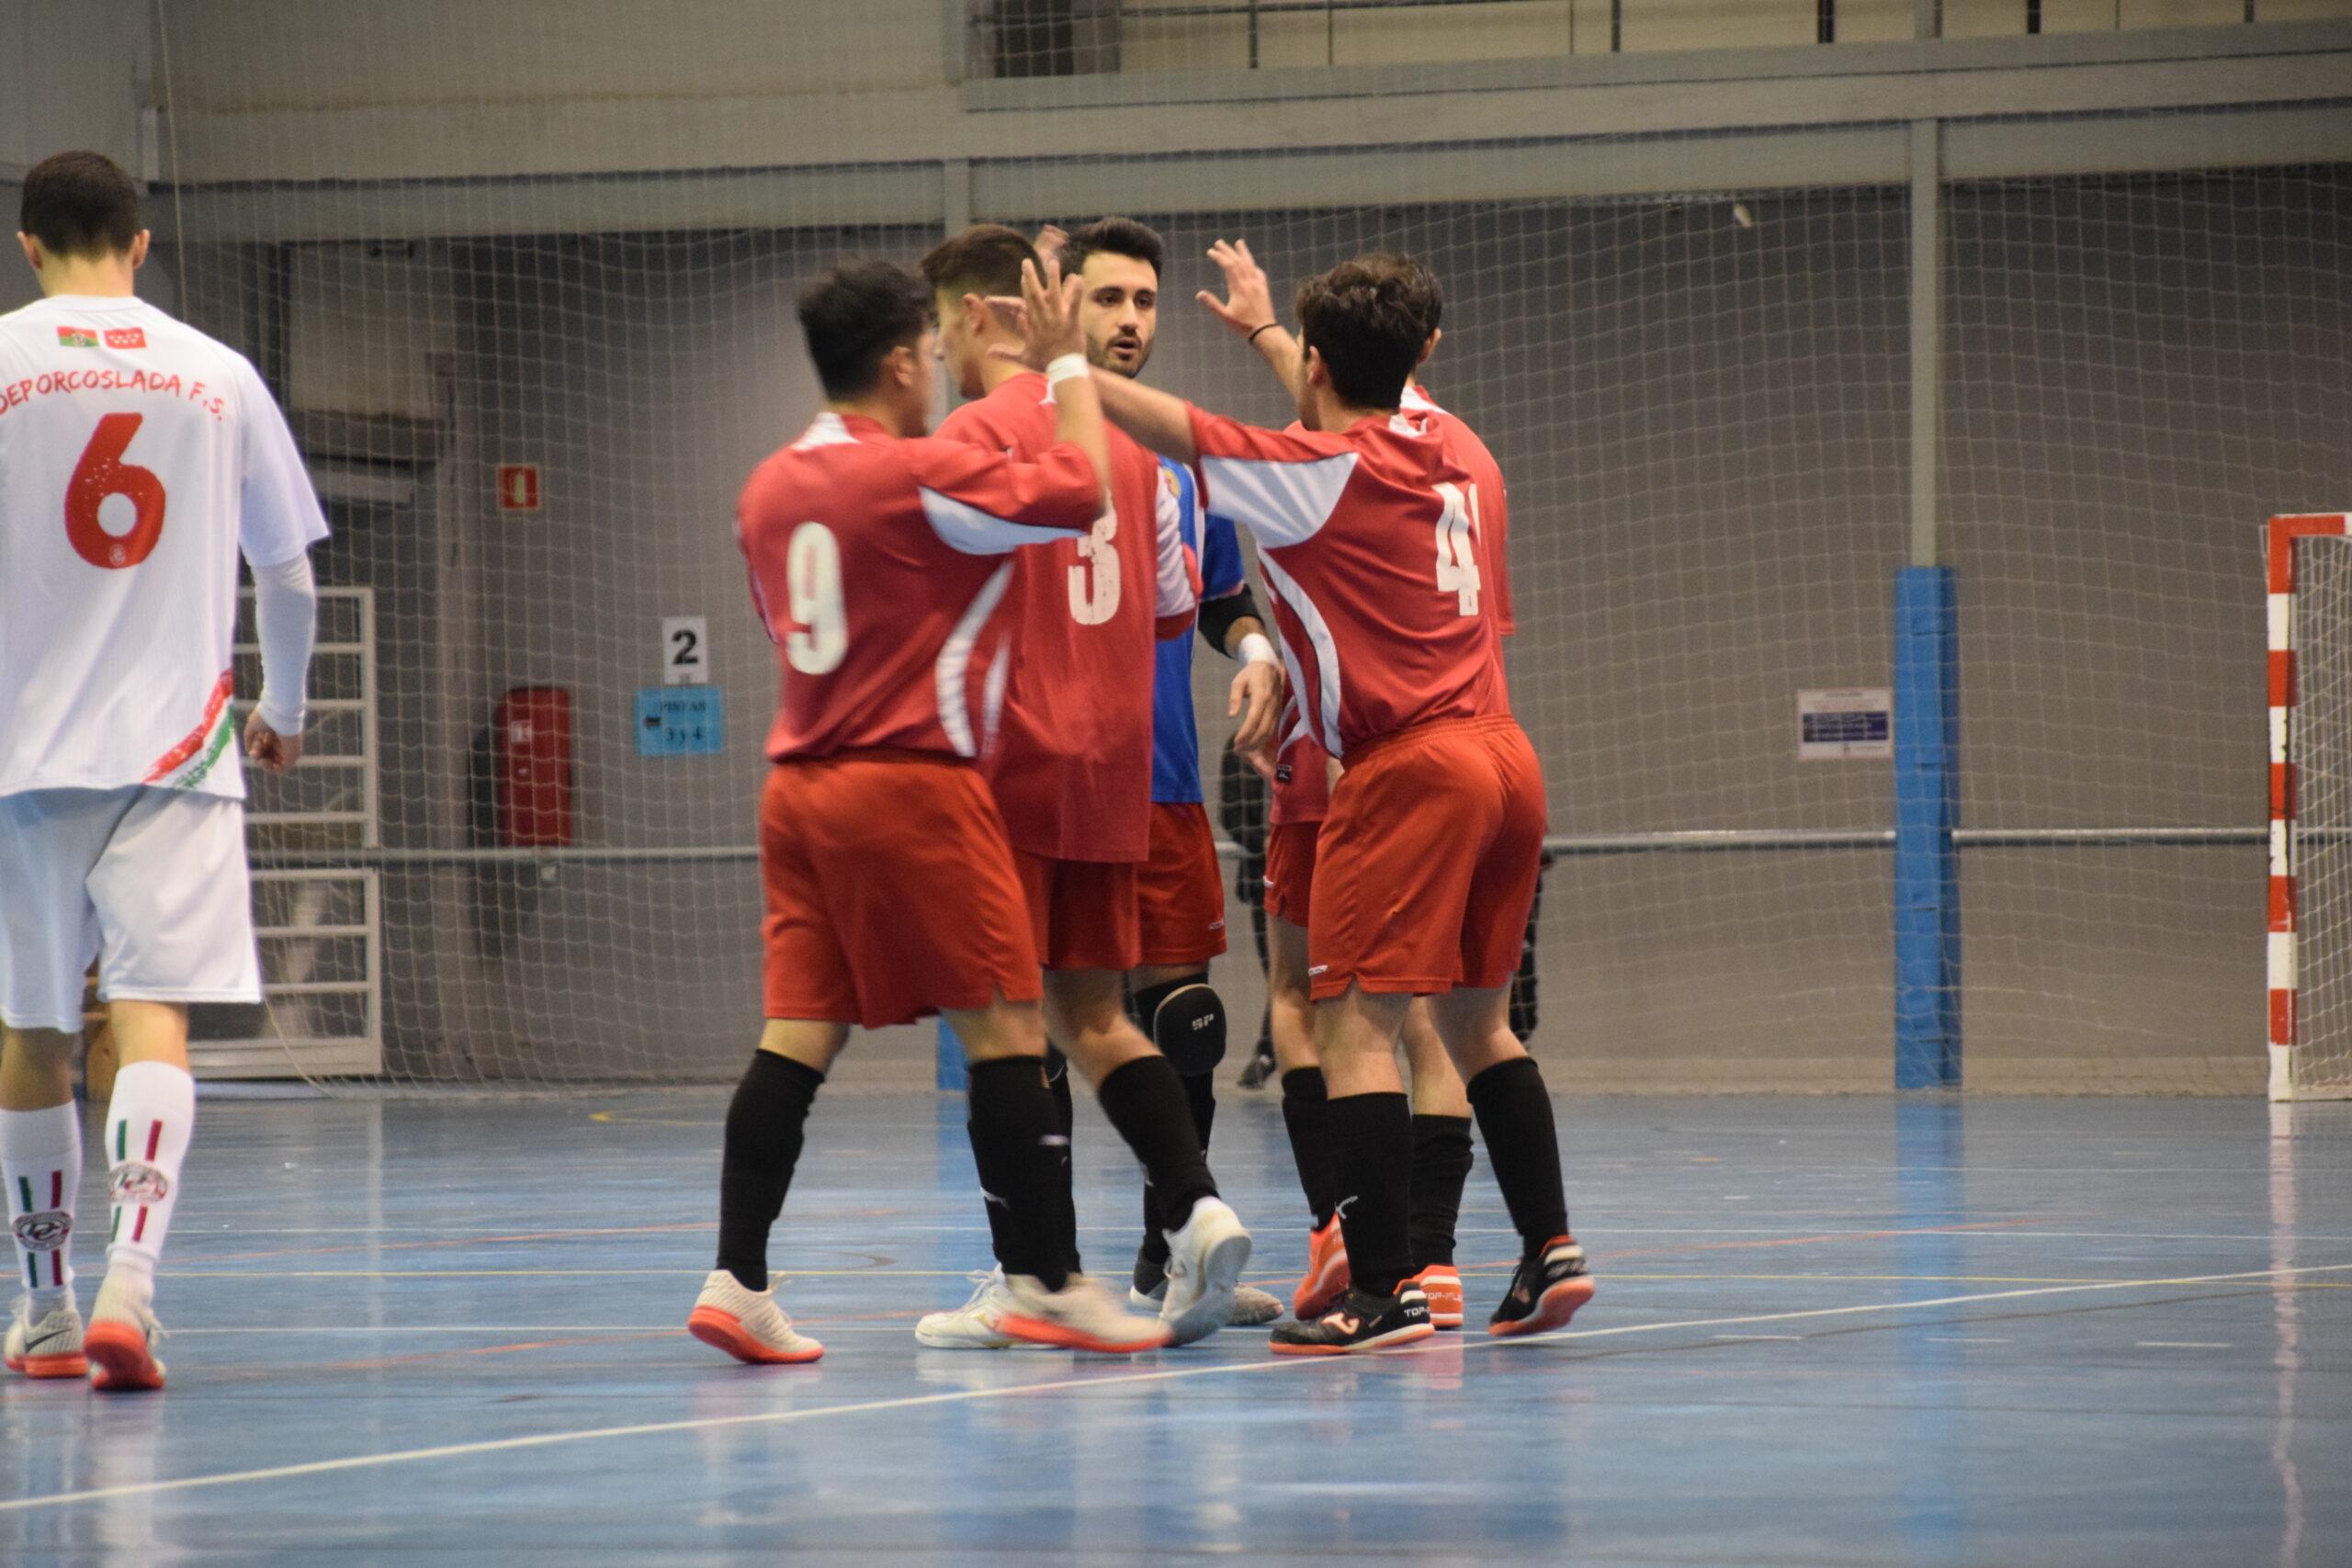 Suspendida Tercera División , jugadores celebran gol